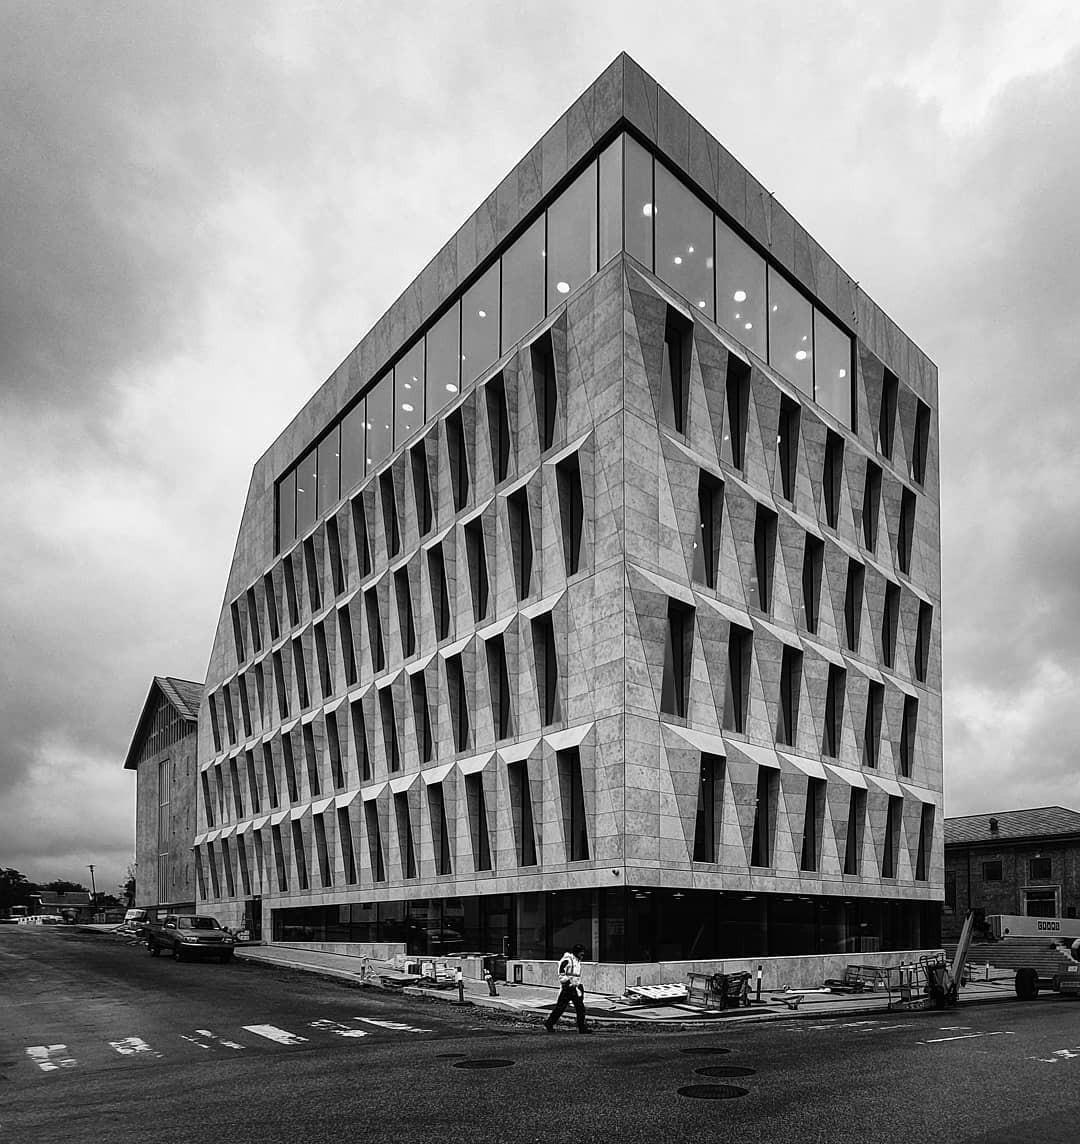 Черно-белые фото архитектуры от Алессио Форлано (Alessio Forlano): то, что не замечаем 3